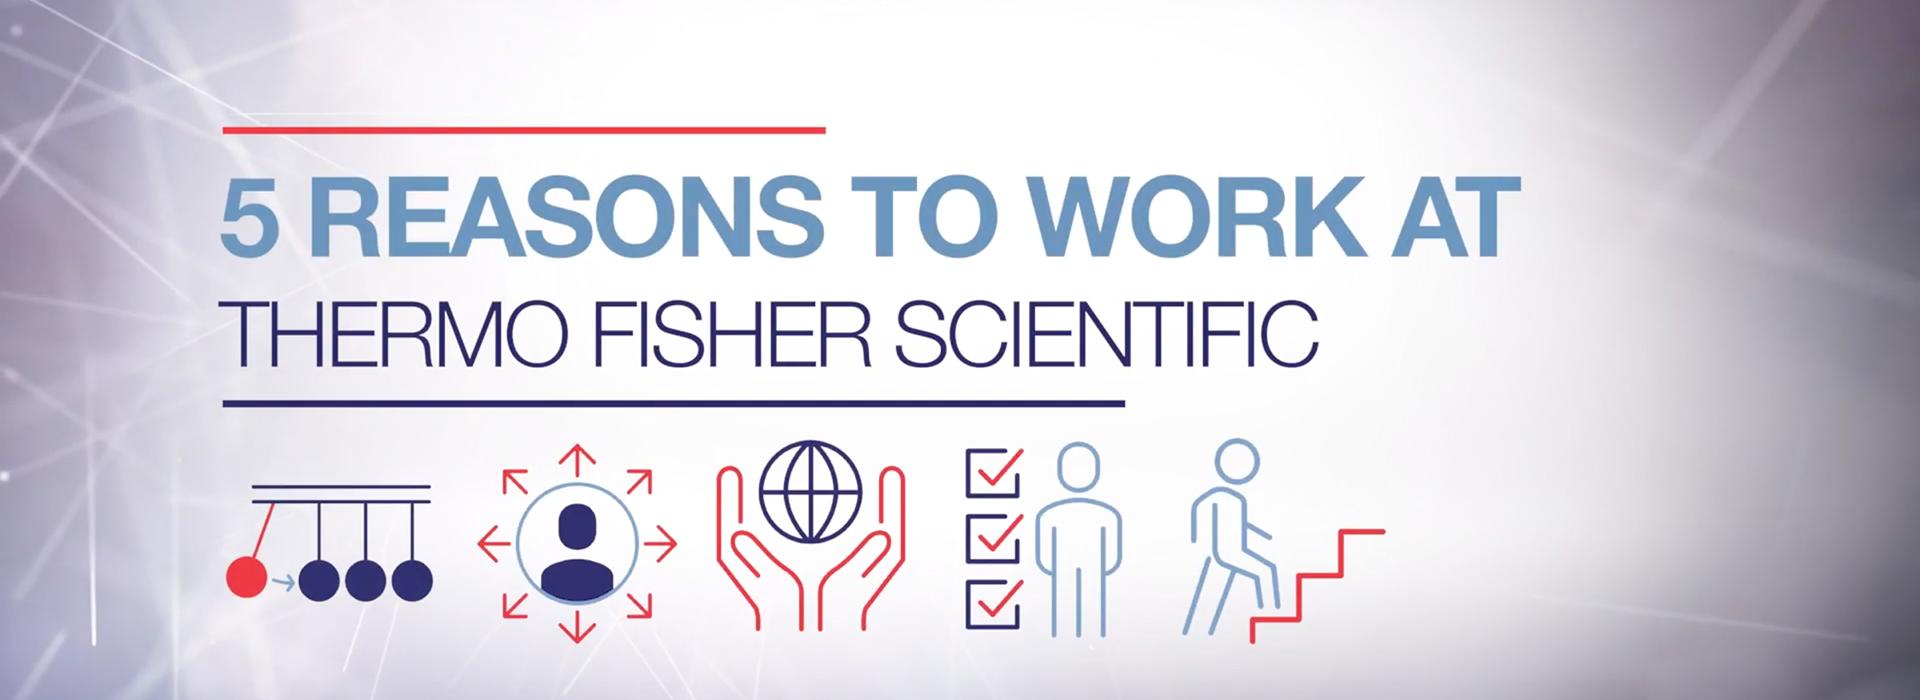 5 GRÜNDE FÜR THERMO FISHER SCIENTIFIC